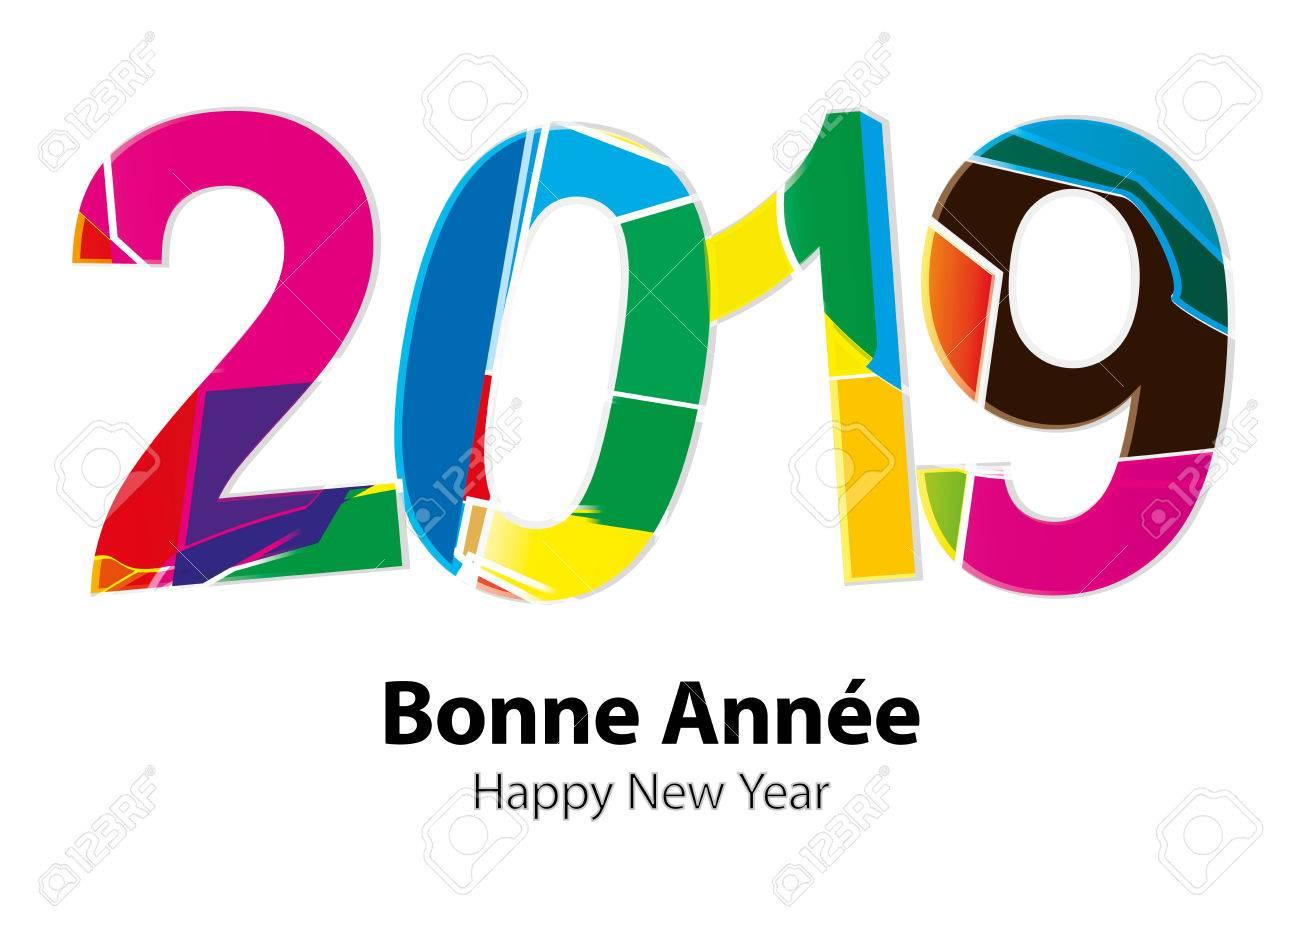 Kumpulan Kata Kata Mutiara Ucapan Selamat Tahun Baru 2019